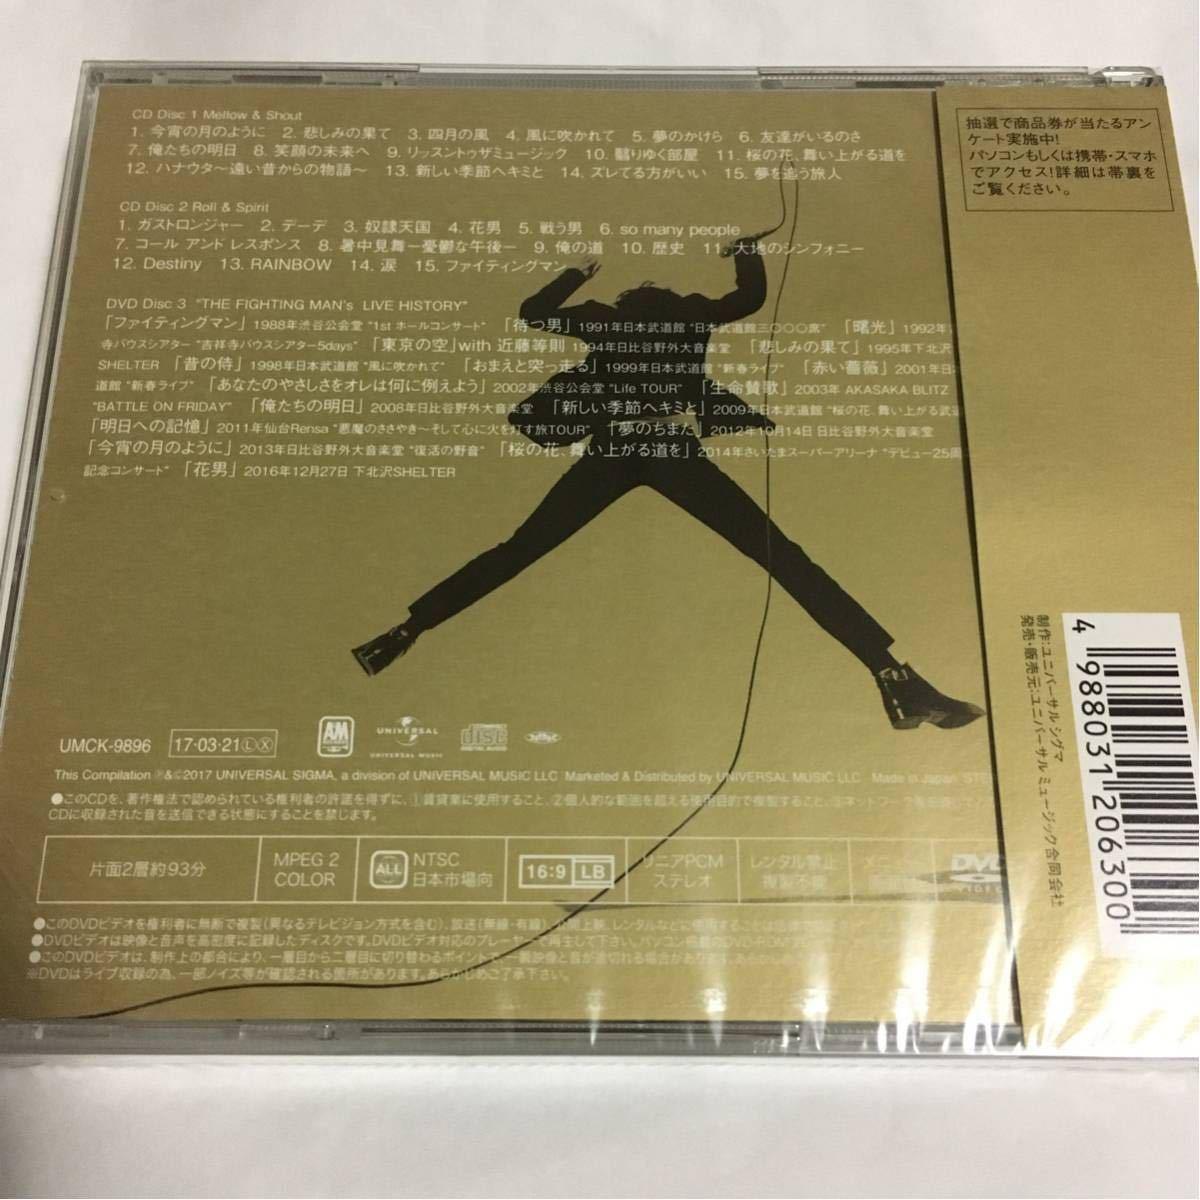 ☆新品 未開封☆ エレファントカシマシ / THE FIGHTING MAN All Time Best Album ★初回限定盤 CD+DVD★_画像2